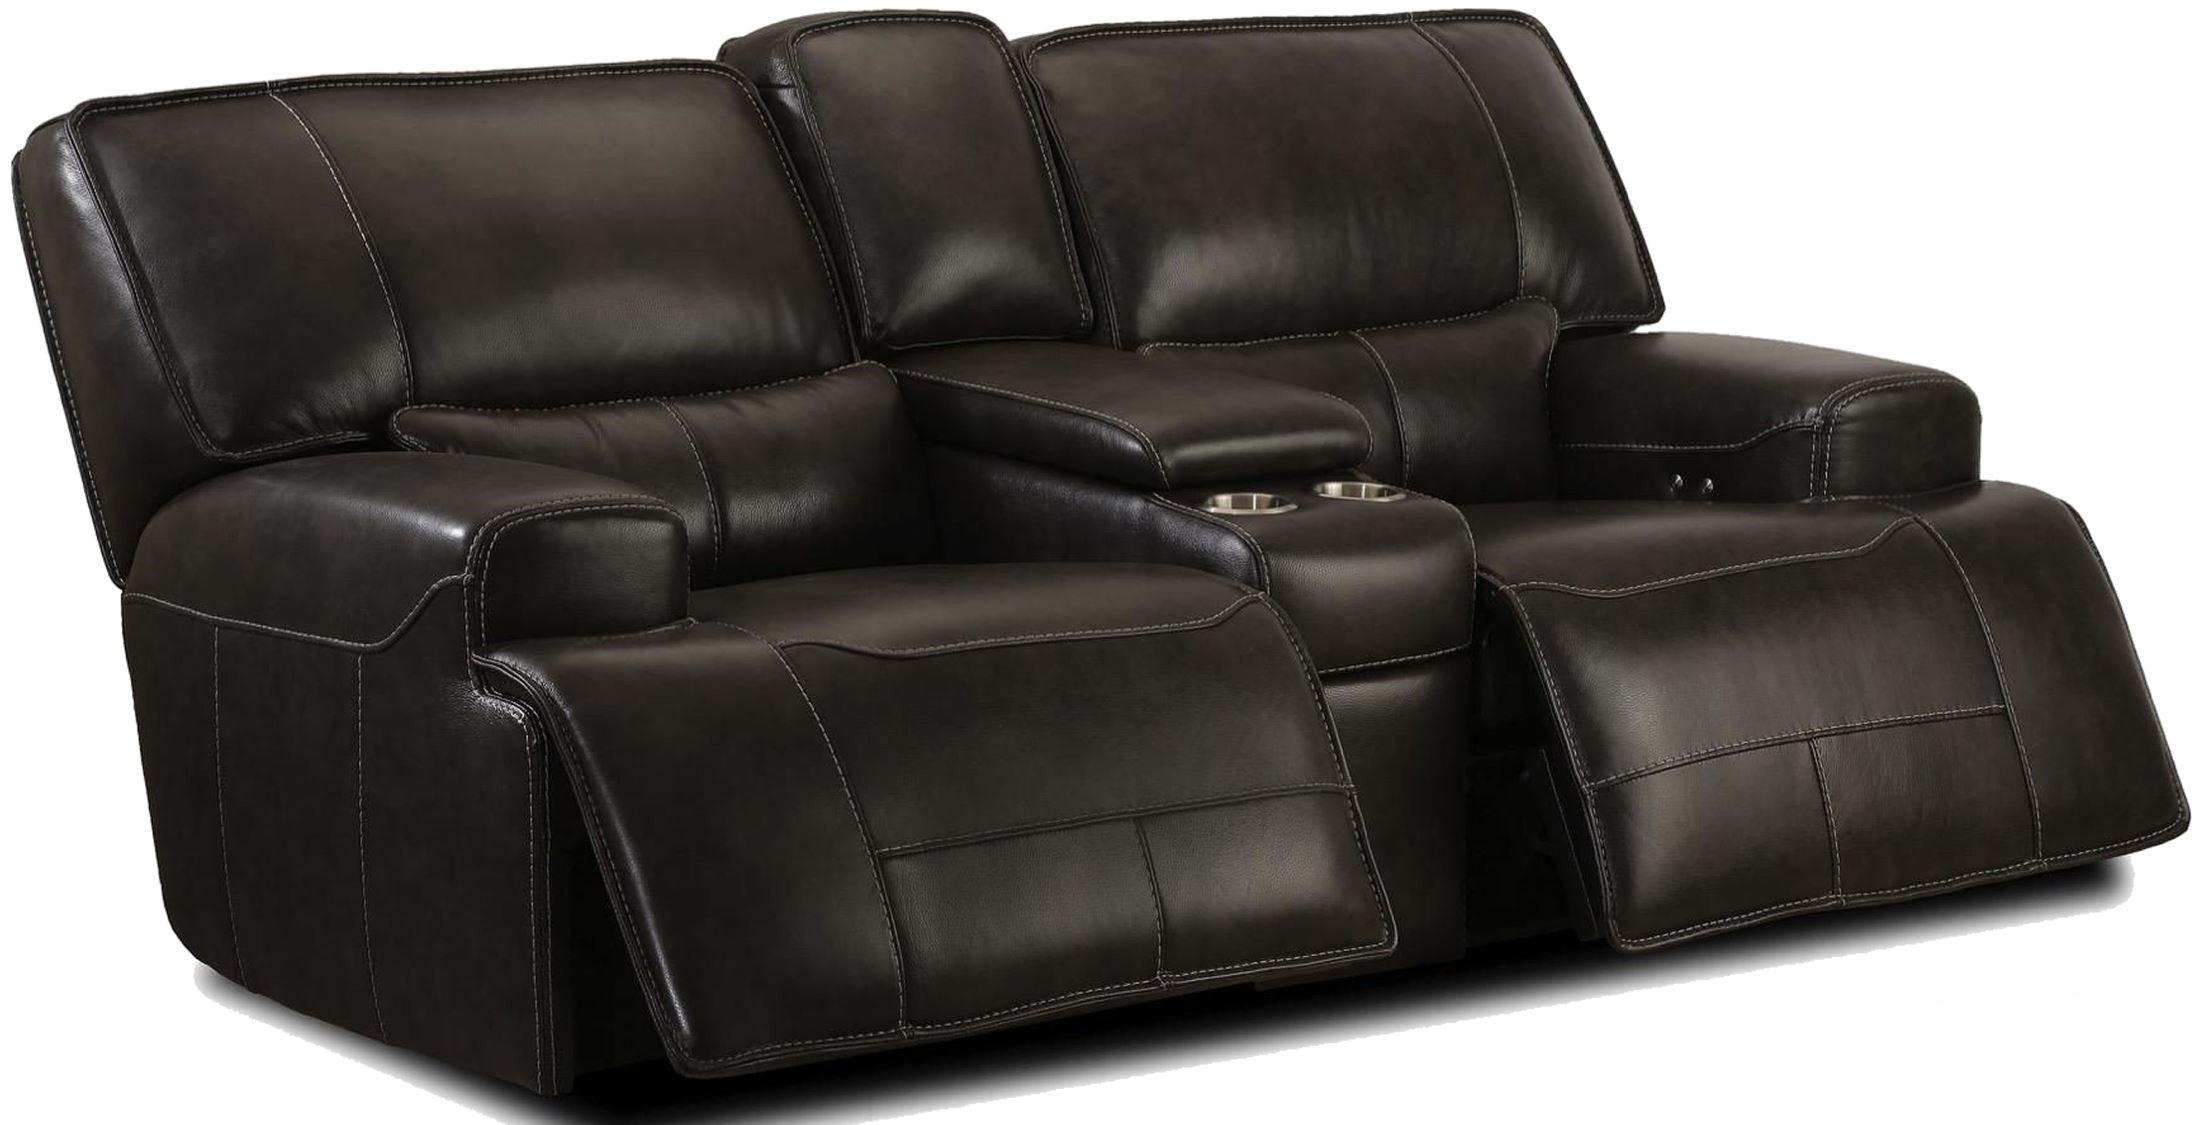 Denali Power Reclining Living Room Set